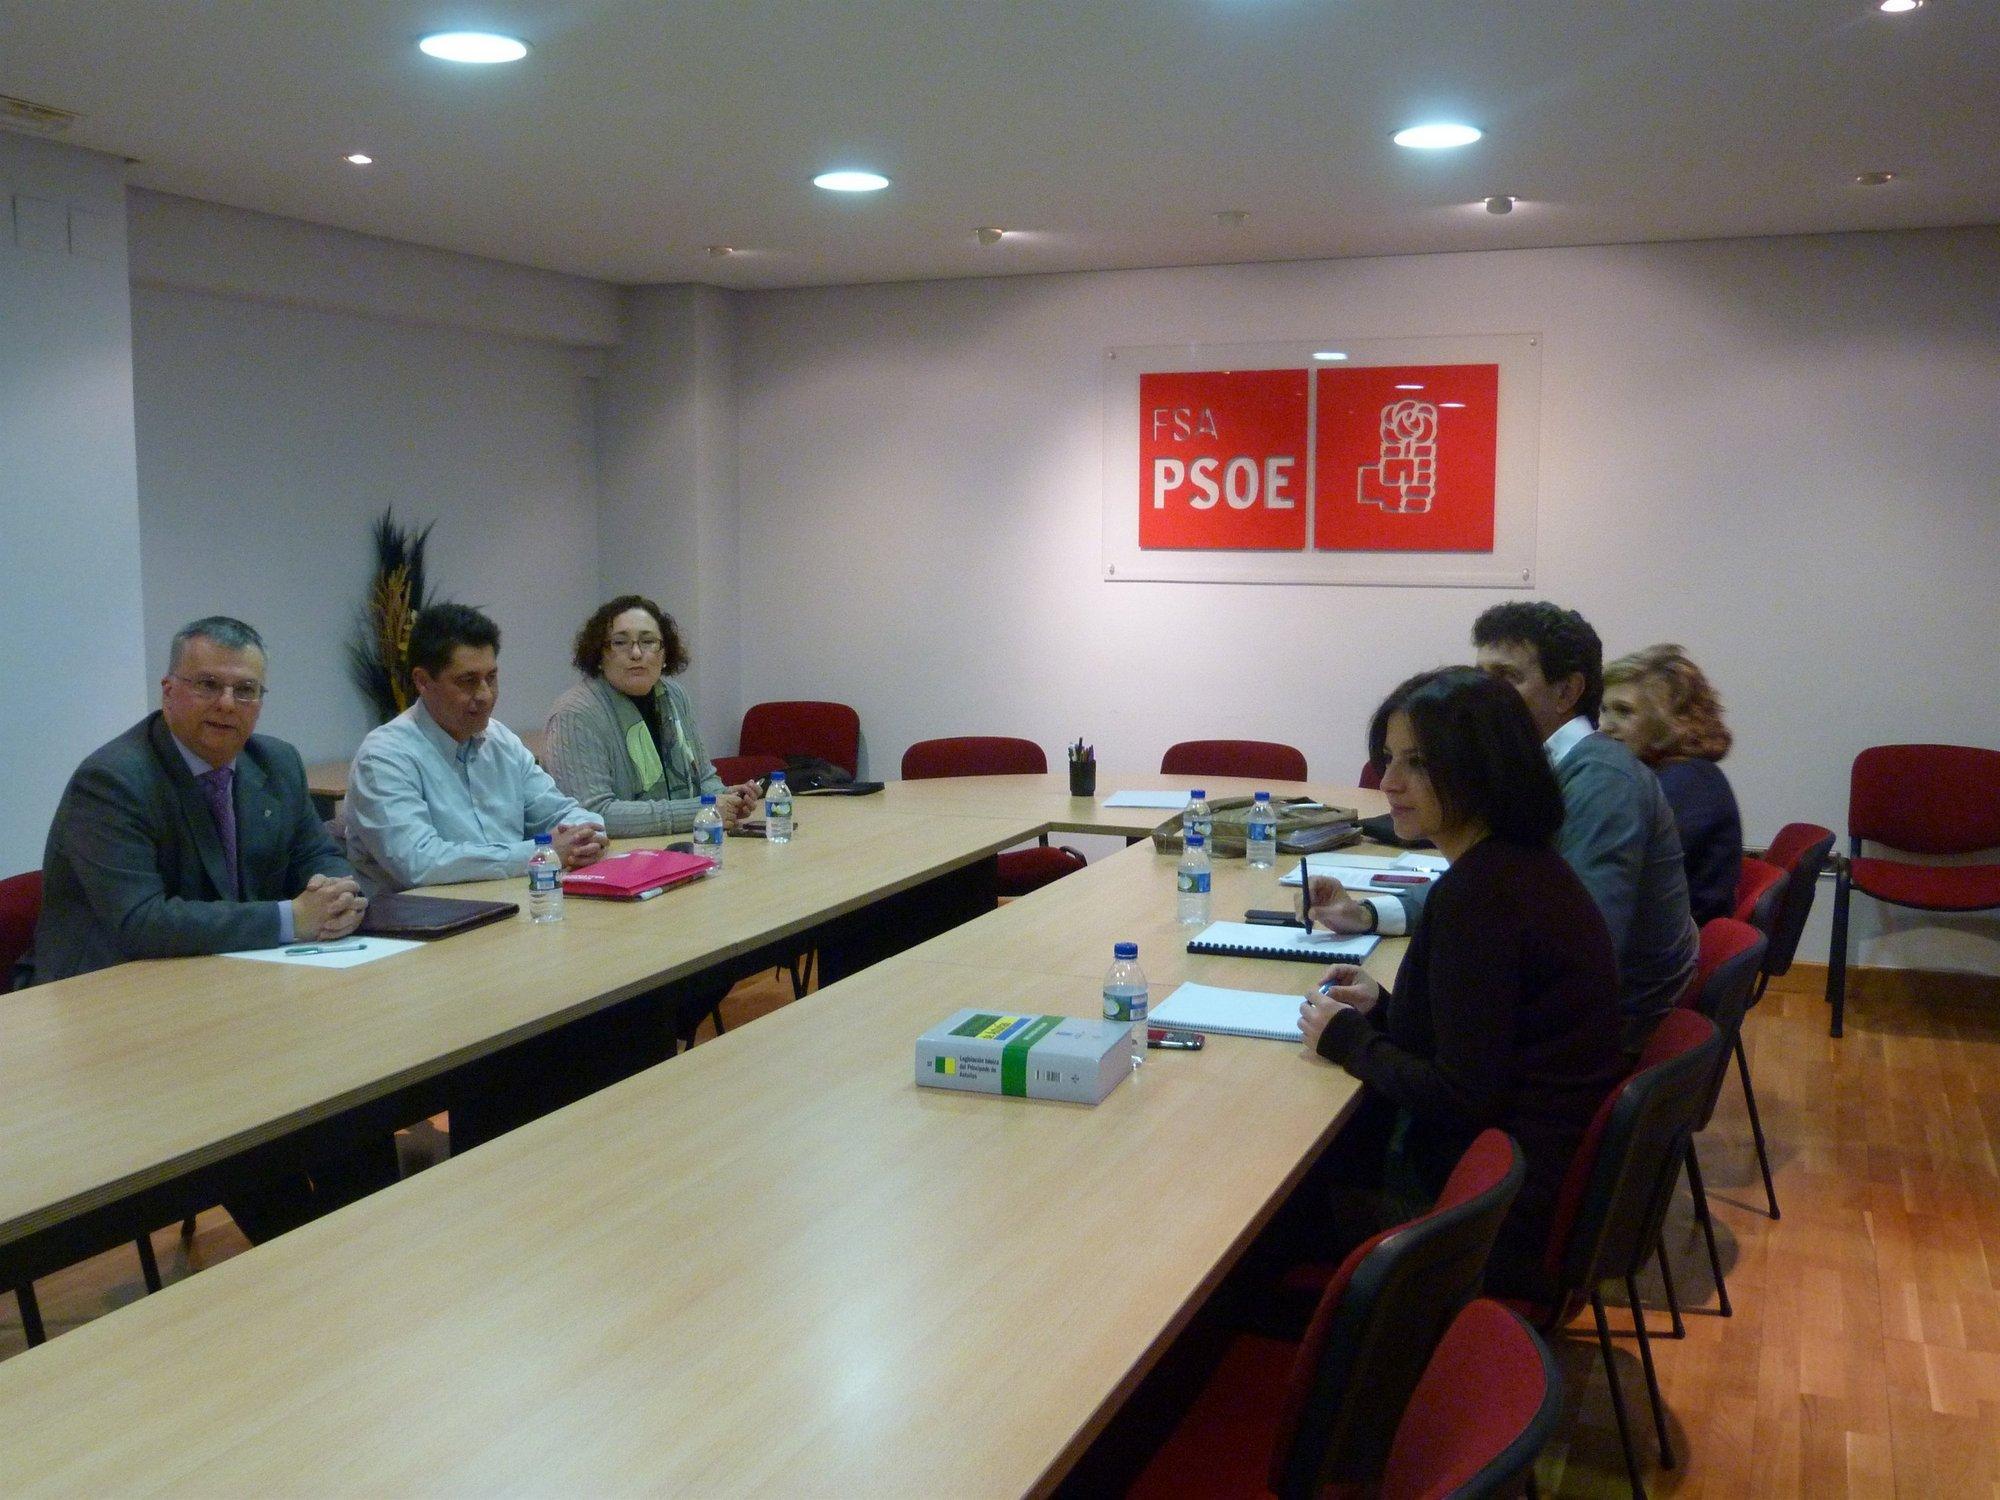 Los socialistas consideran «muy positivo» el encuentro con UPyD